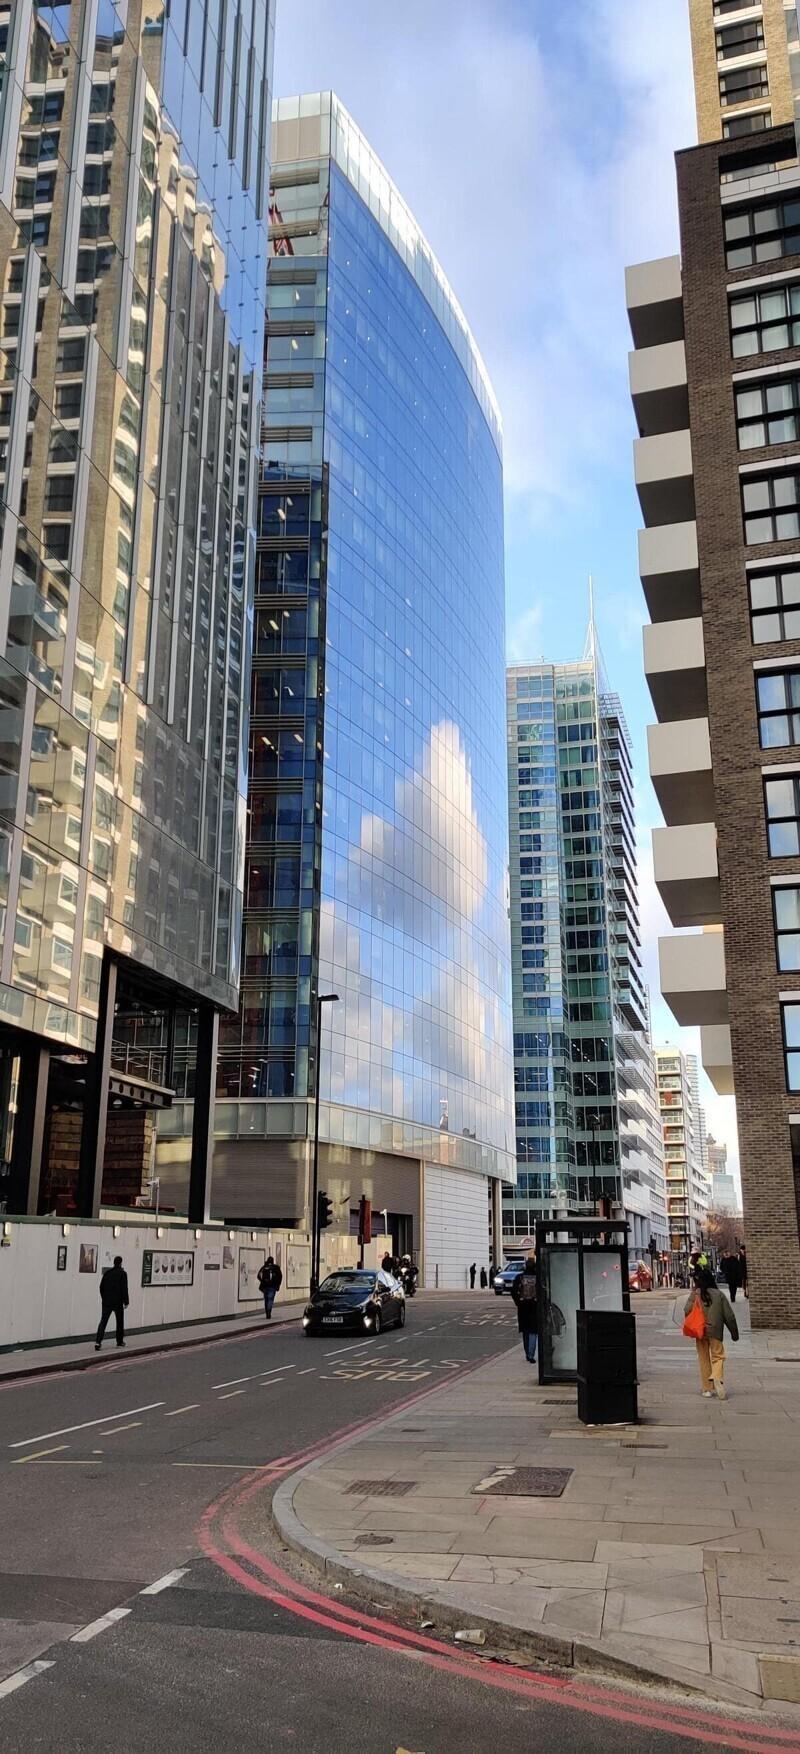 Облака отражаются в здании и выглядят пиксельными